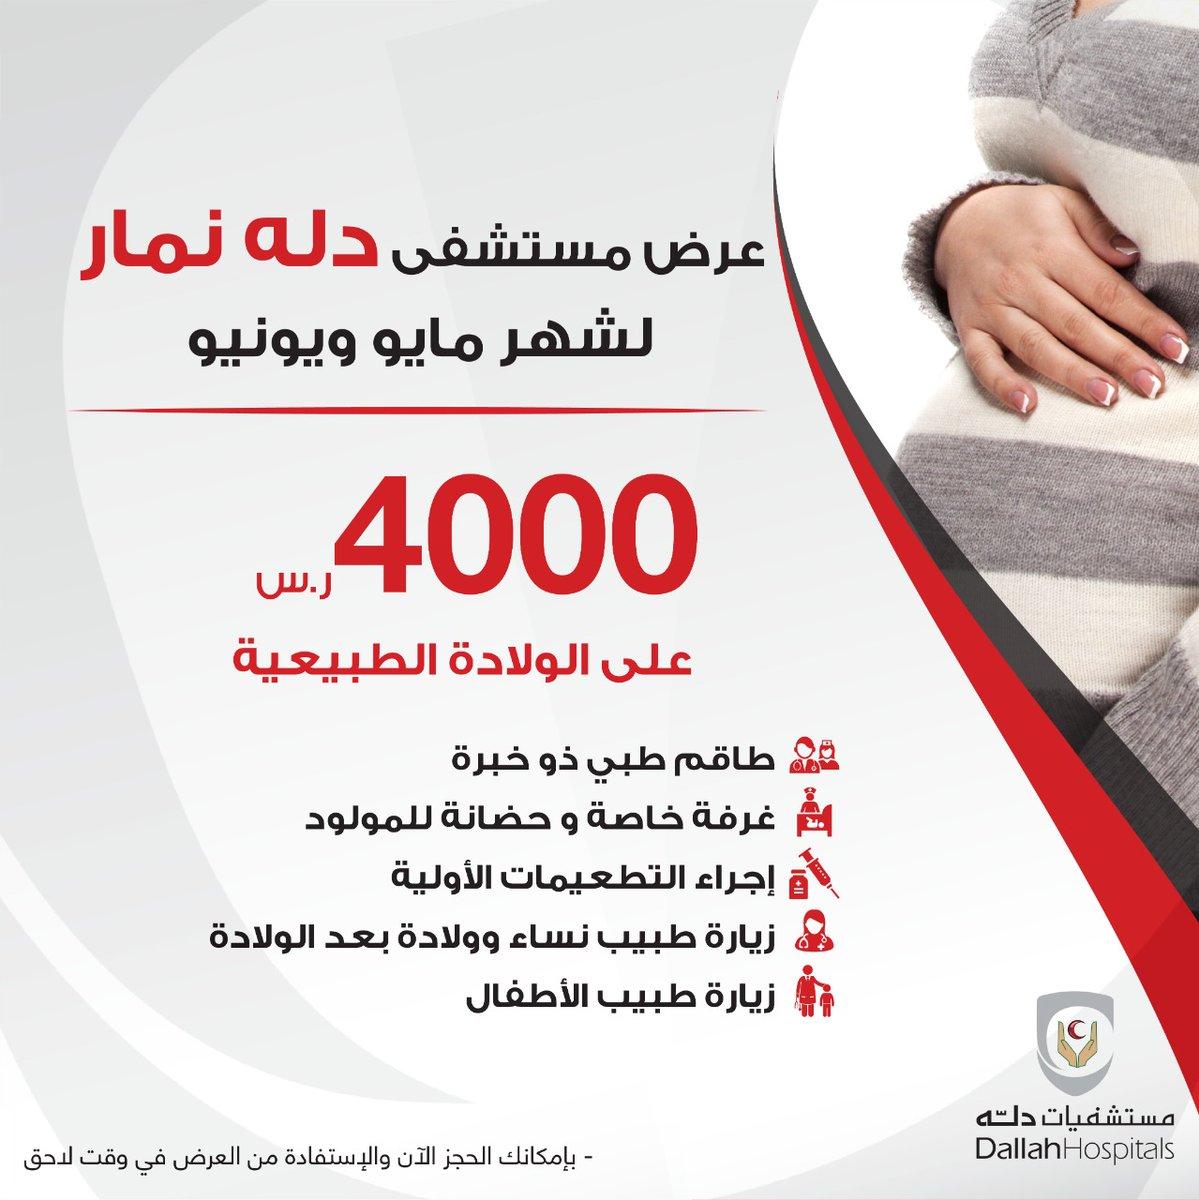 مـسـتـشفيات دلـه Dallah Hospitals Sur Twitter Risetaj1432 للاستفسار عن الأسعار الاتصال على 920012222 أو 0112995772 وسيعمل موظفينا على خدمتك وشكرا